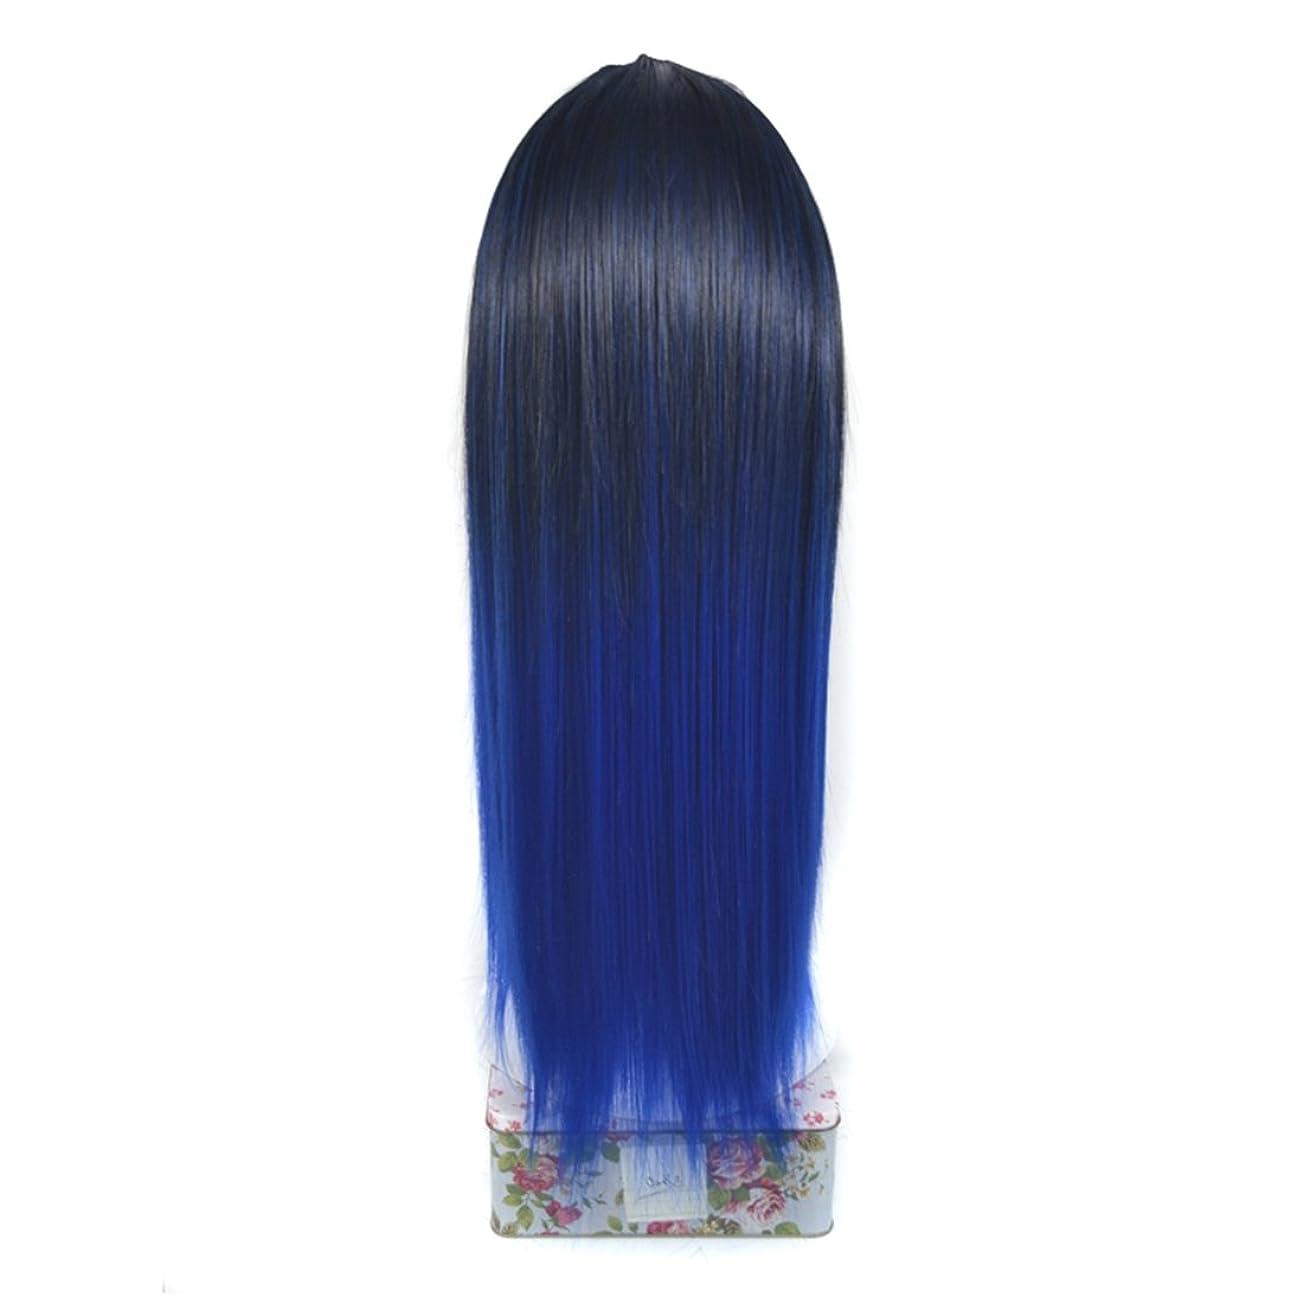 格納ムス代替案JIANFU ノンマーキング 化学繊維 ヘア エクステンション U字型 ハーフ ヘッドヘア ピース リアル 長い ストレート ウィッグ カバー (Color : Black gradient sapphire blue)